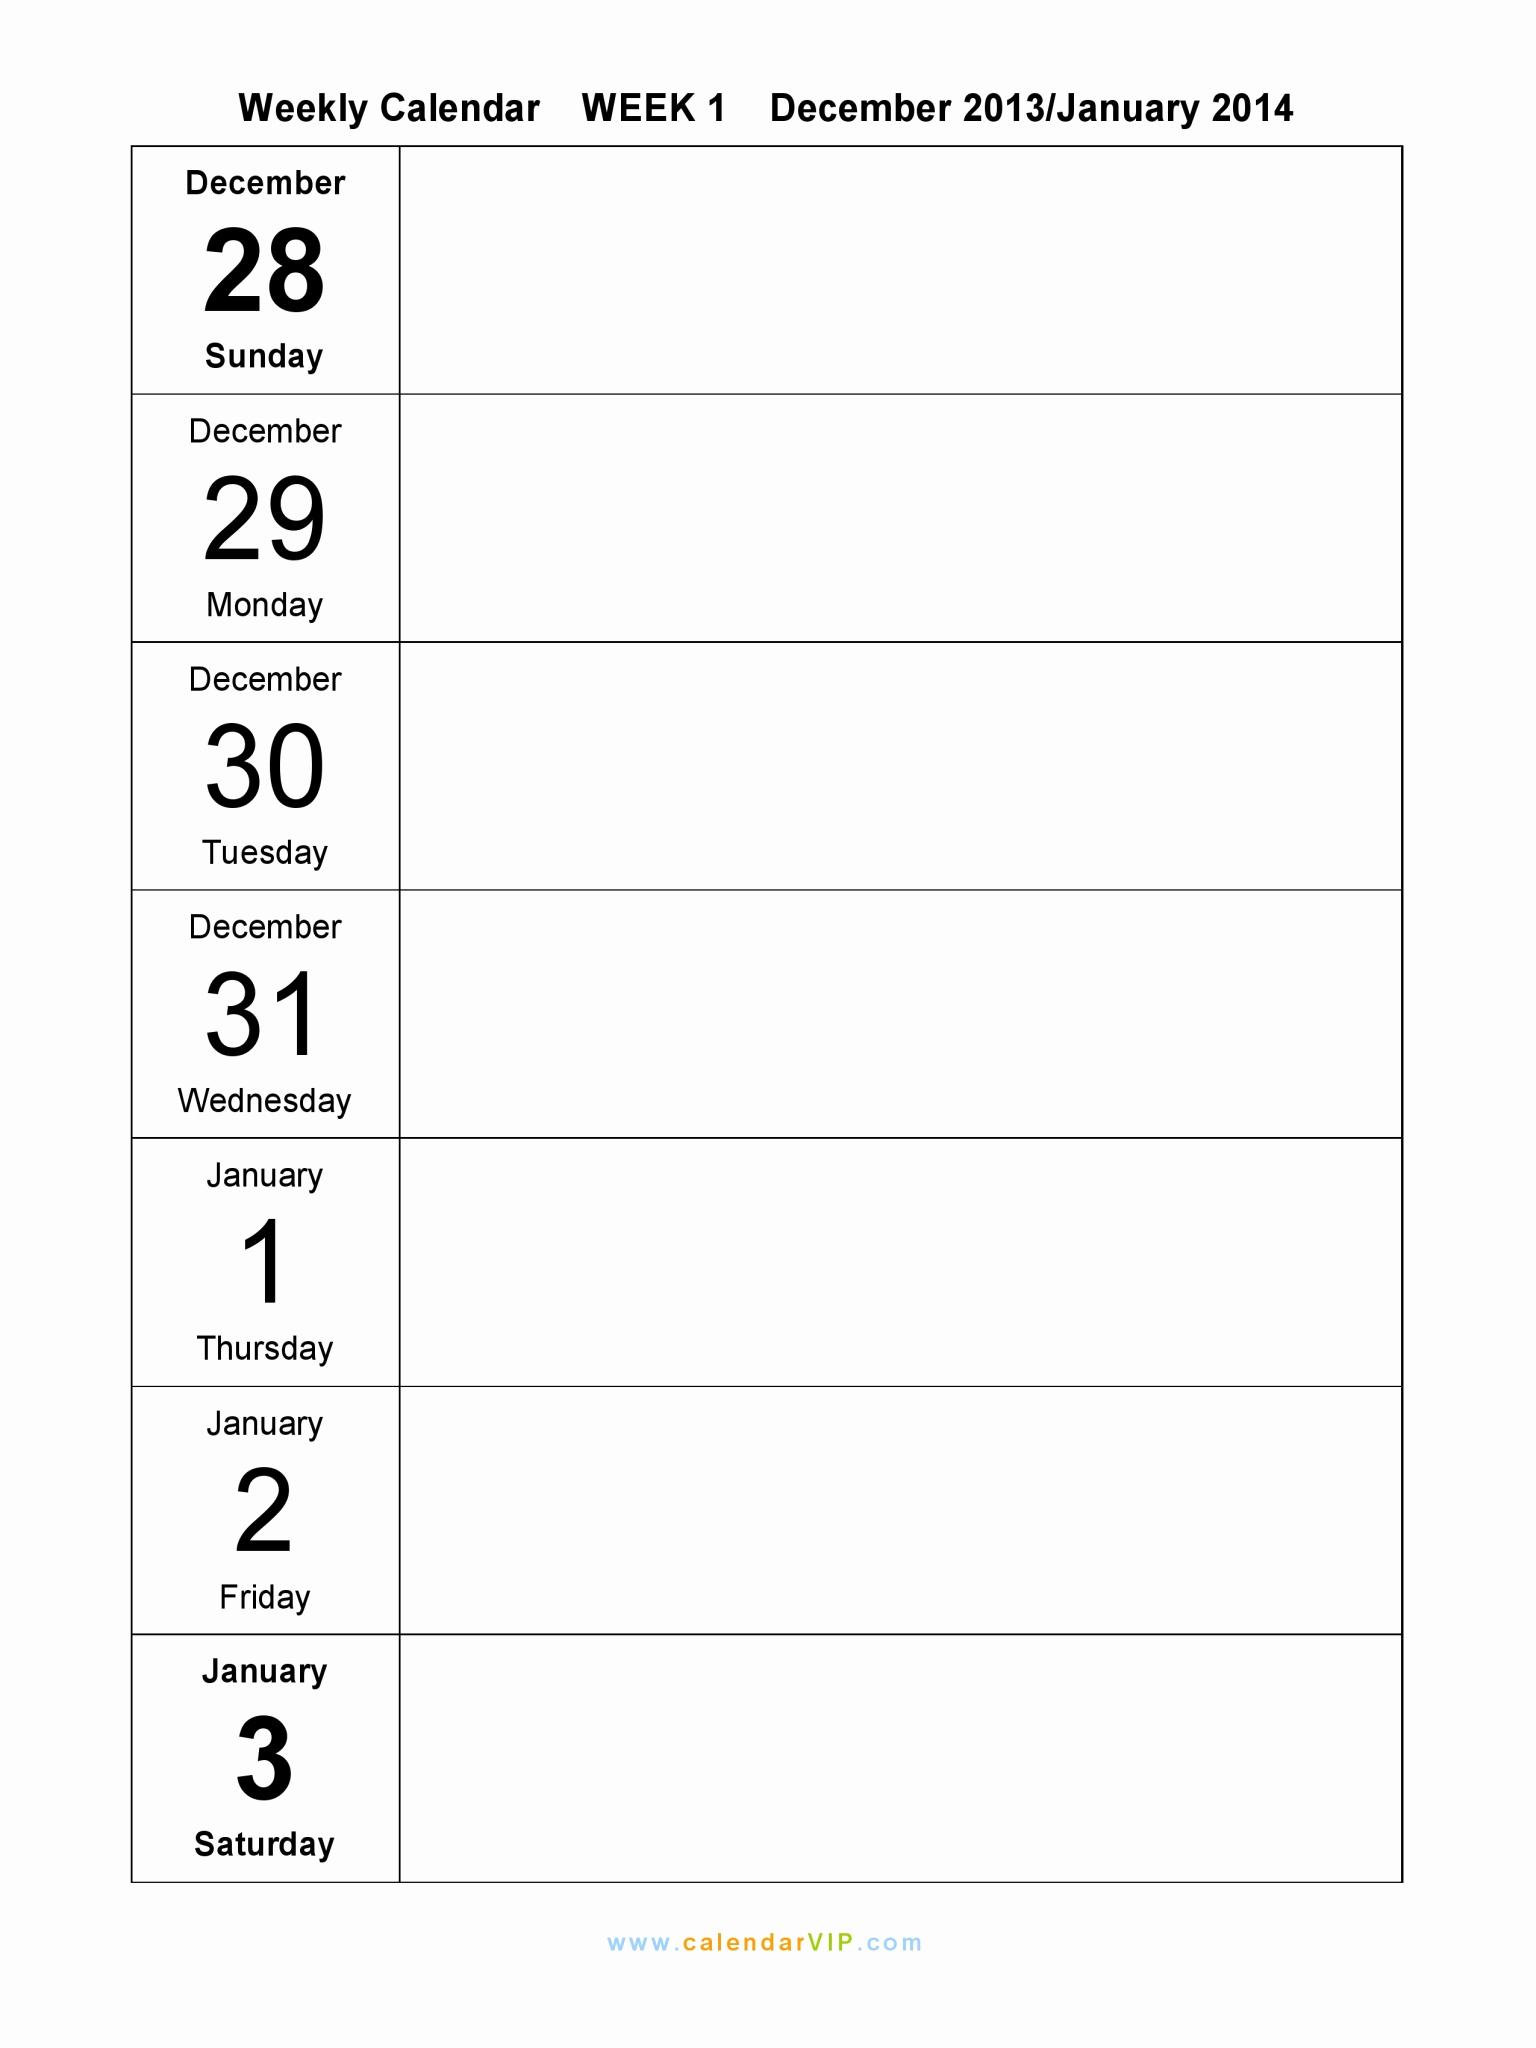 Weekly Schedule Template Printable Beautiful Weekly Calendar 2015 Free Weekly Calendar Templates